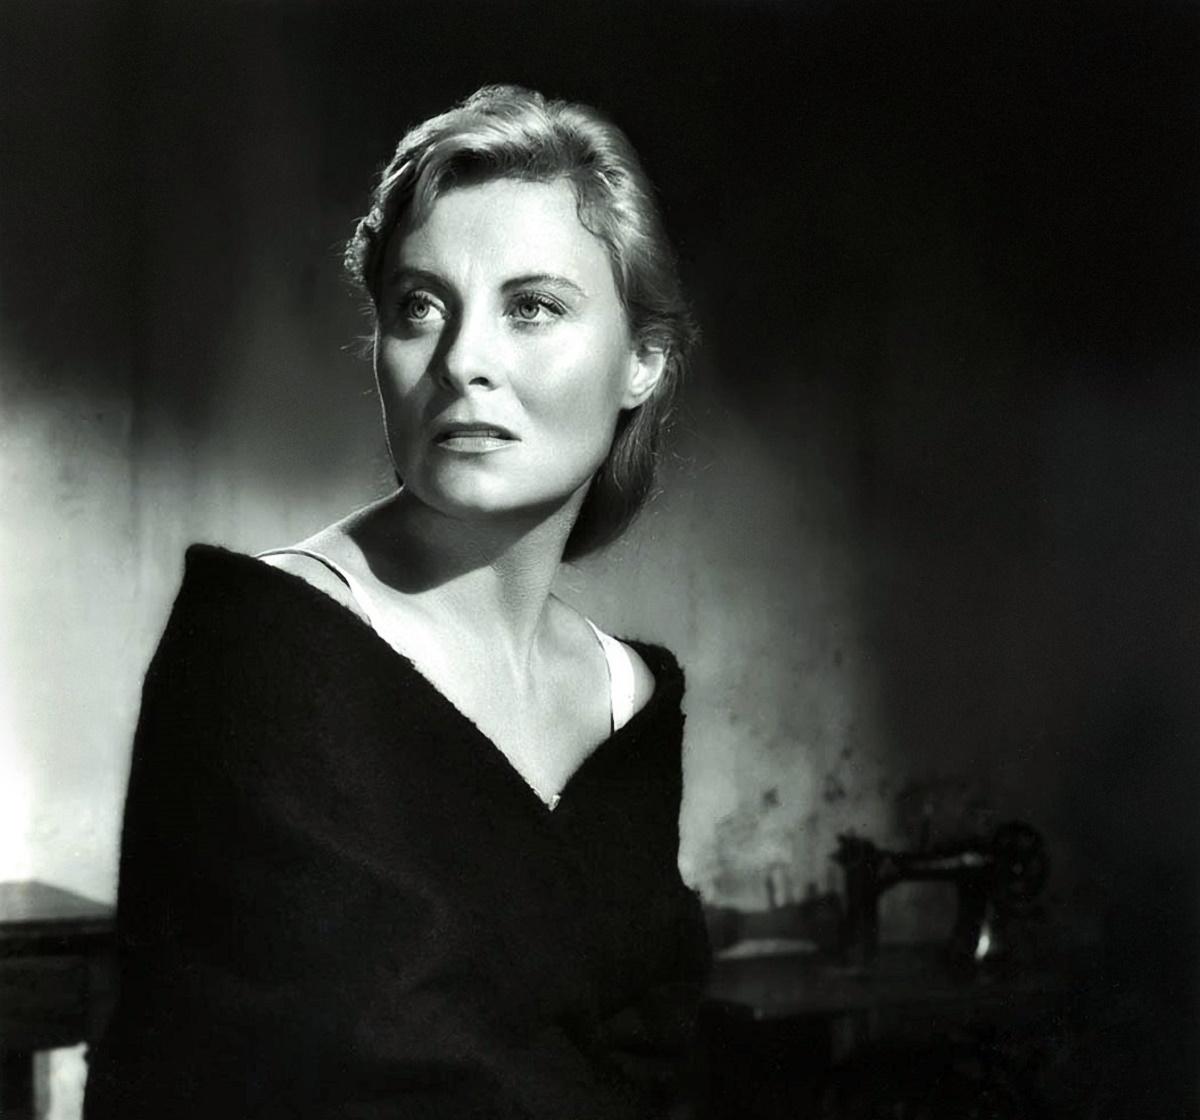 A murit Michele Morgan. Celebra actriță franceză a decedat astăzi, la onorabila vârstă de 96 de ani. Celebră pentru frumusețea ochilor ei.